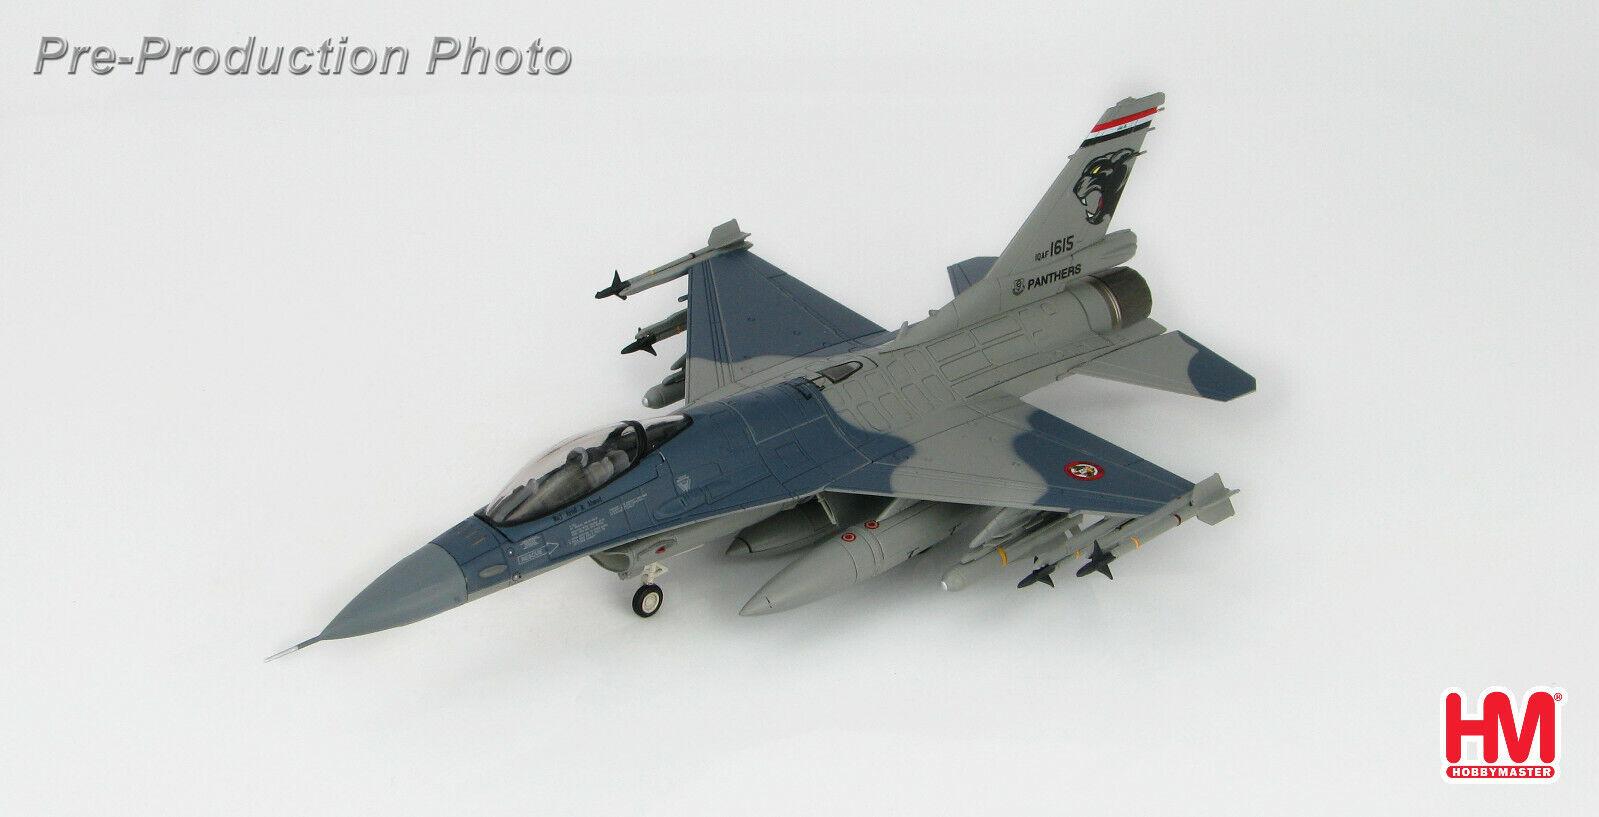 Hobby Master HA3863 - 1 72 Lockheed F-16C bloque 52 1615, la fuerza aérea iraquí, 2015